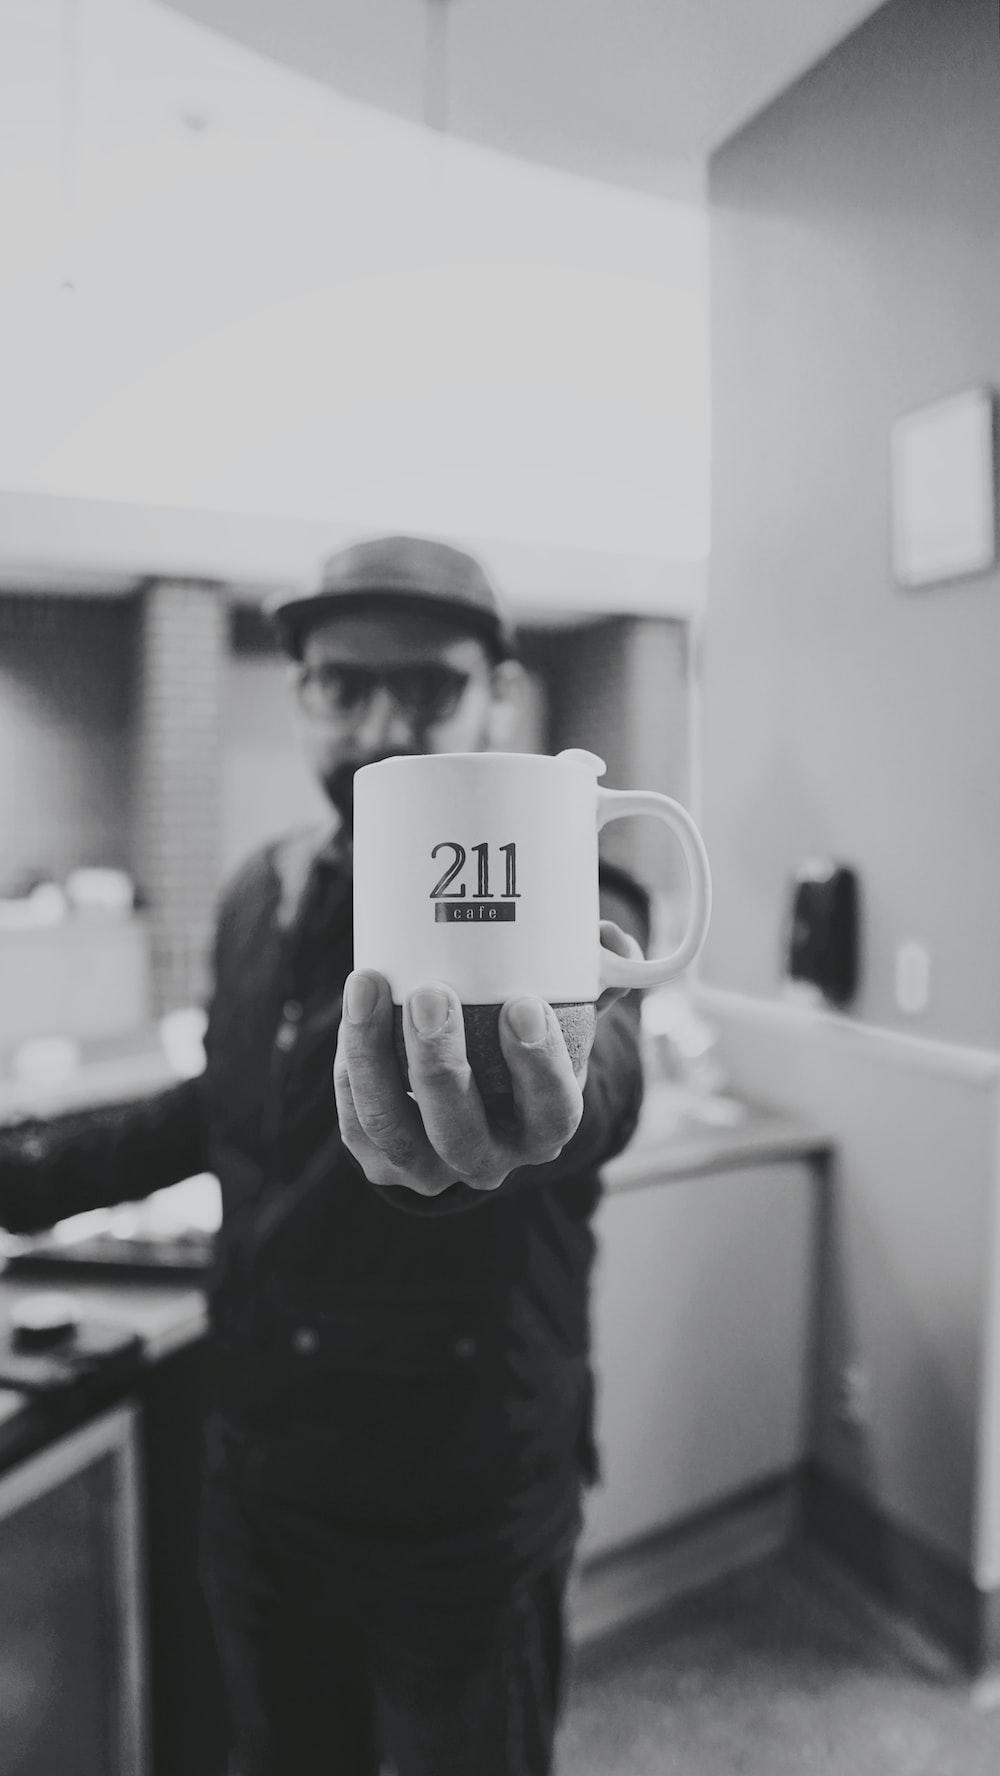 grayscale photo of man holding ceramic mug